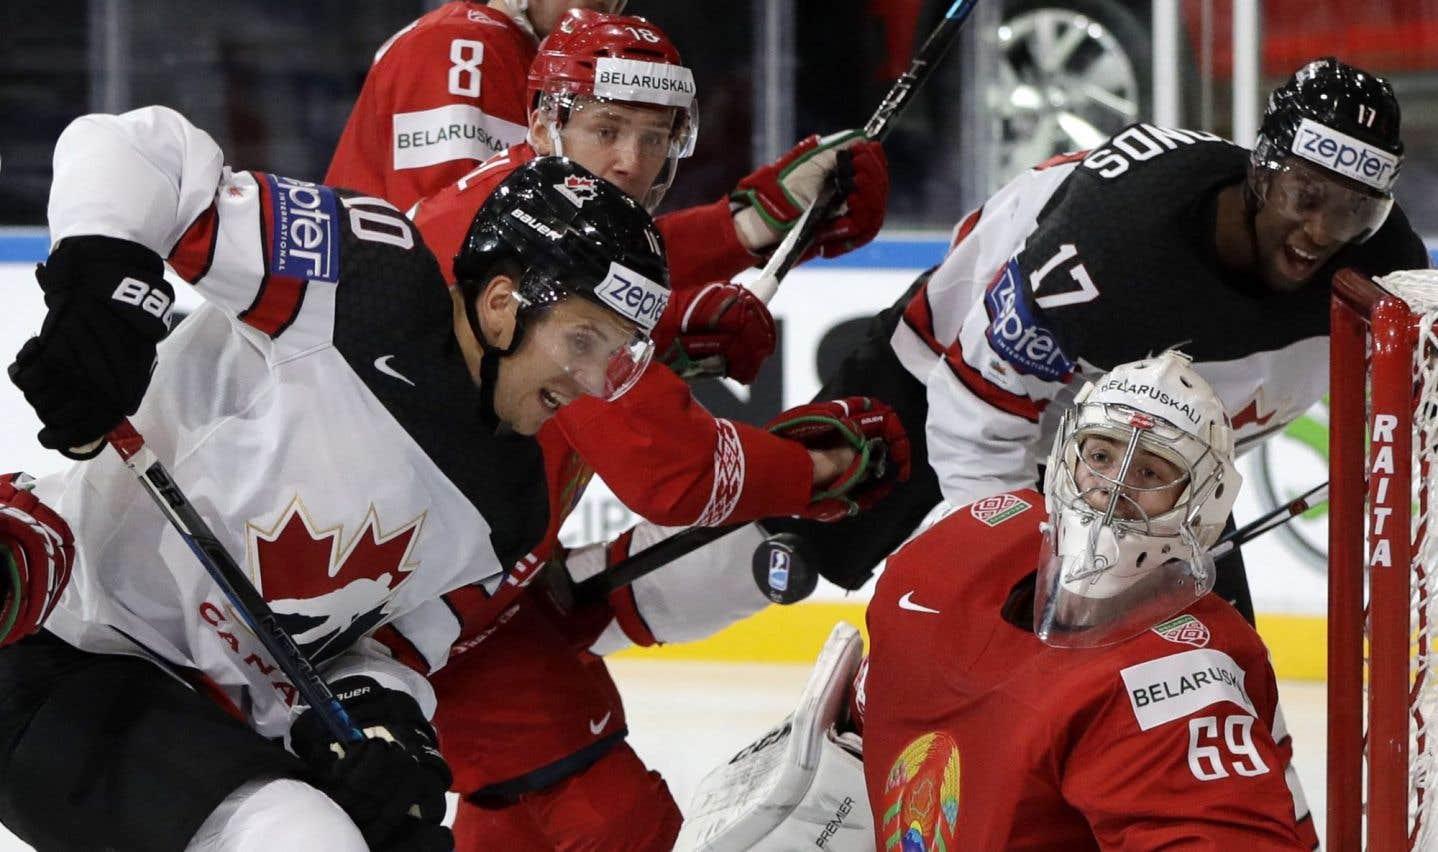 Le Canada écrase le Bélarus 6-0 au Championnat du monde de hockey